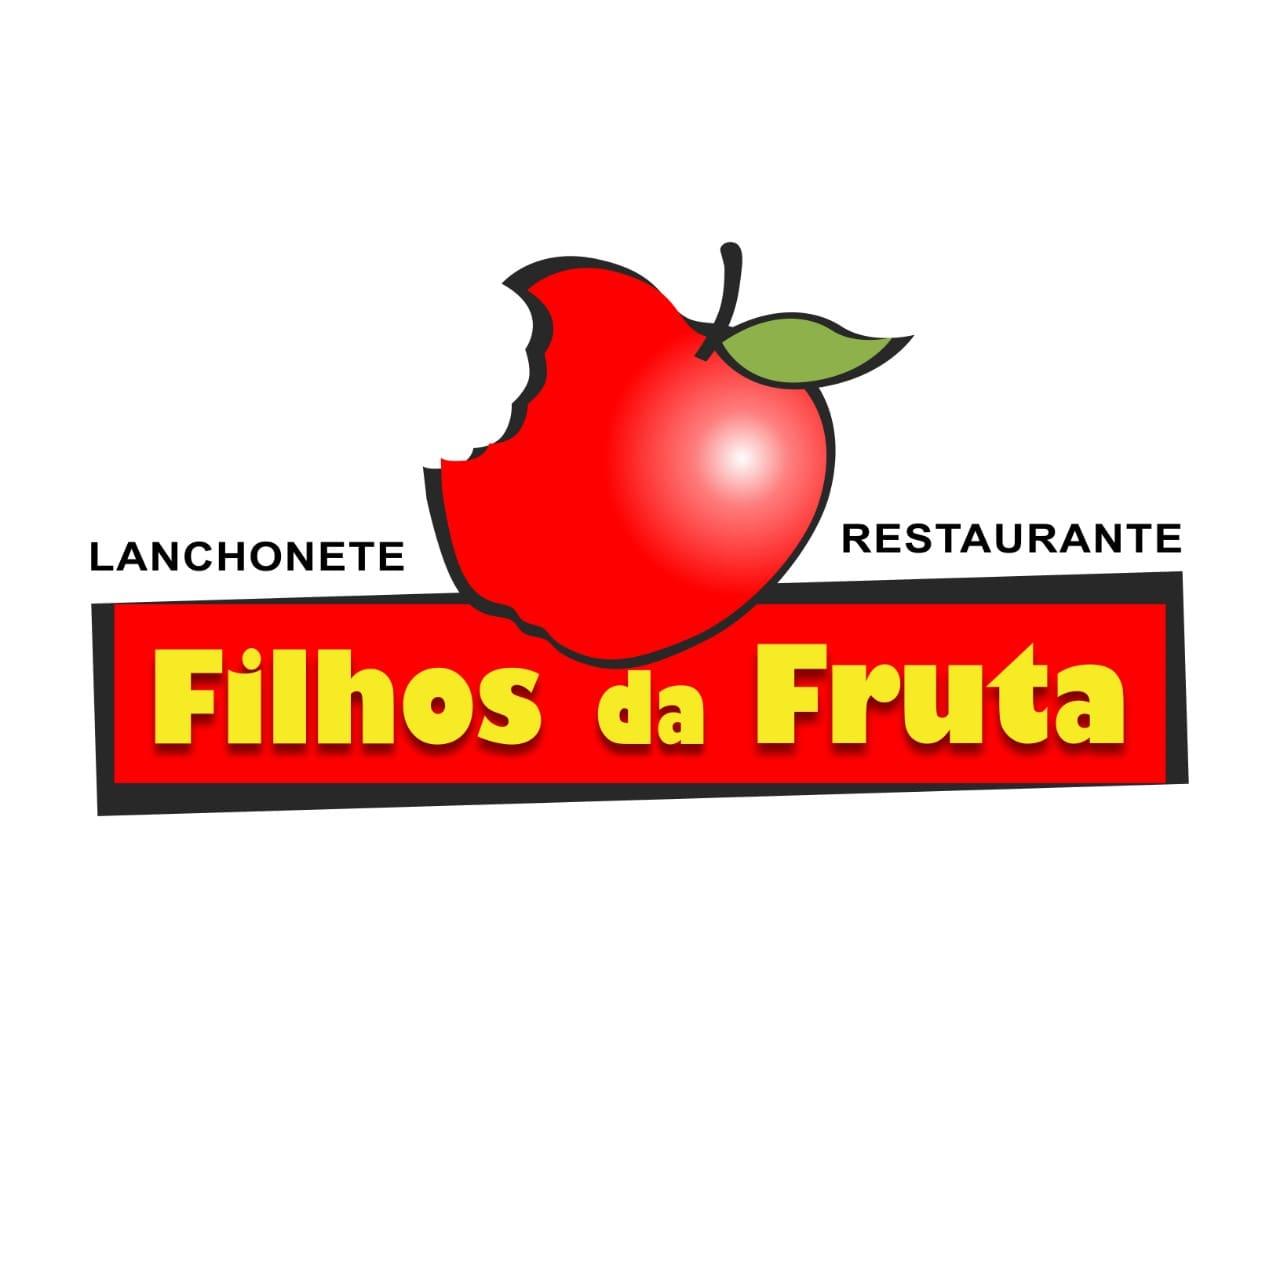 Filhos da Fruta